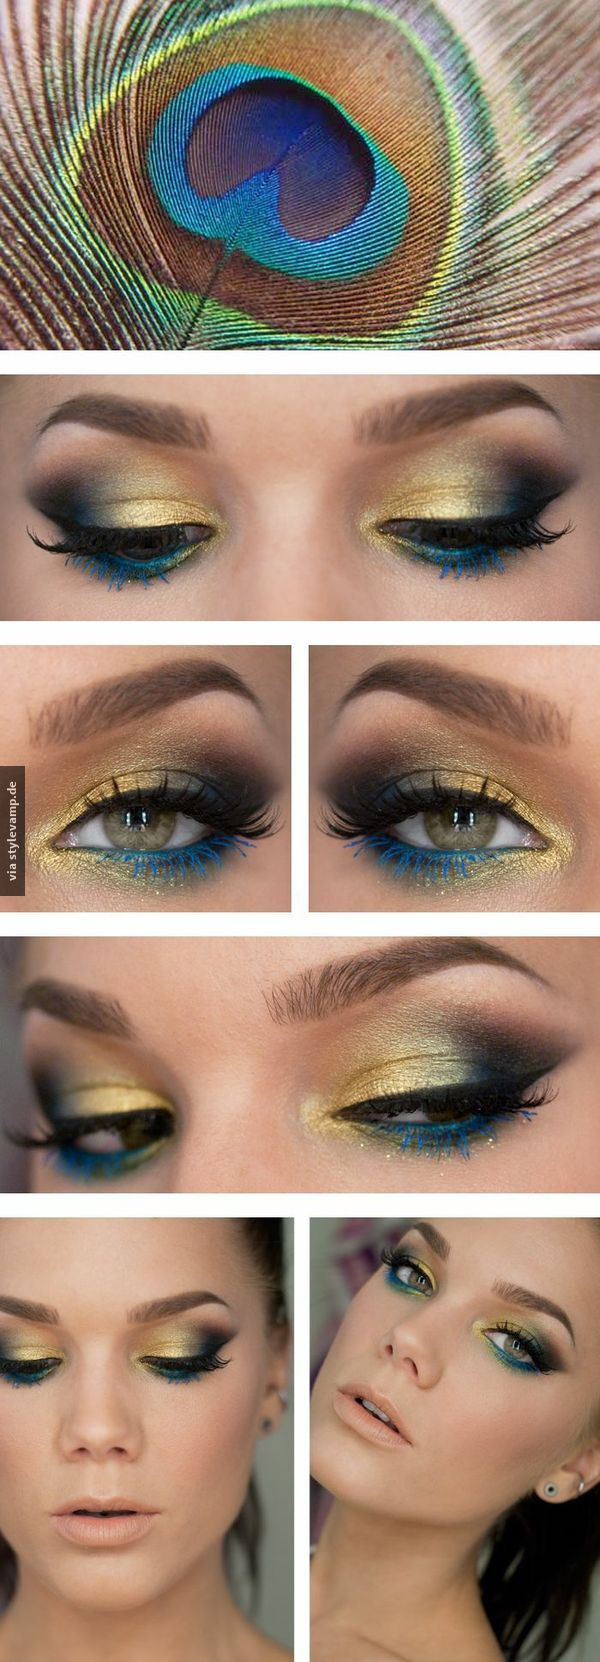 Dieses Make-Up ist wie eine Pfauenfeder! Wunderschön und man findet es nicht …